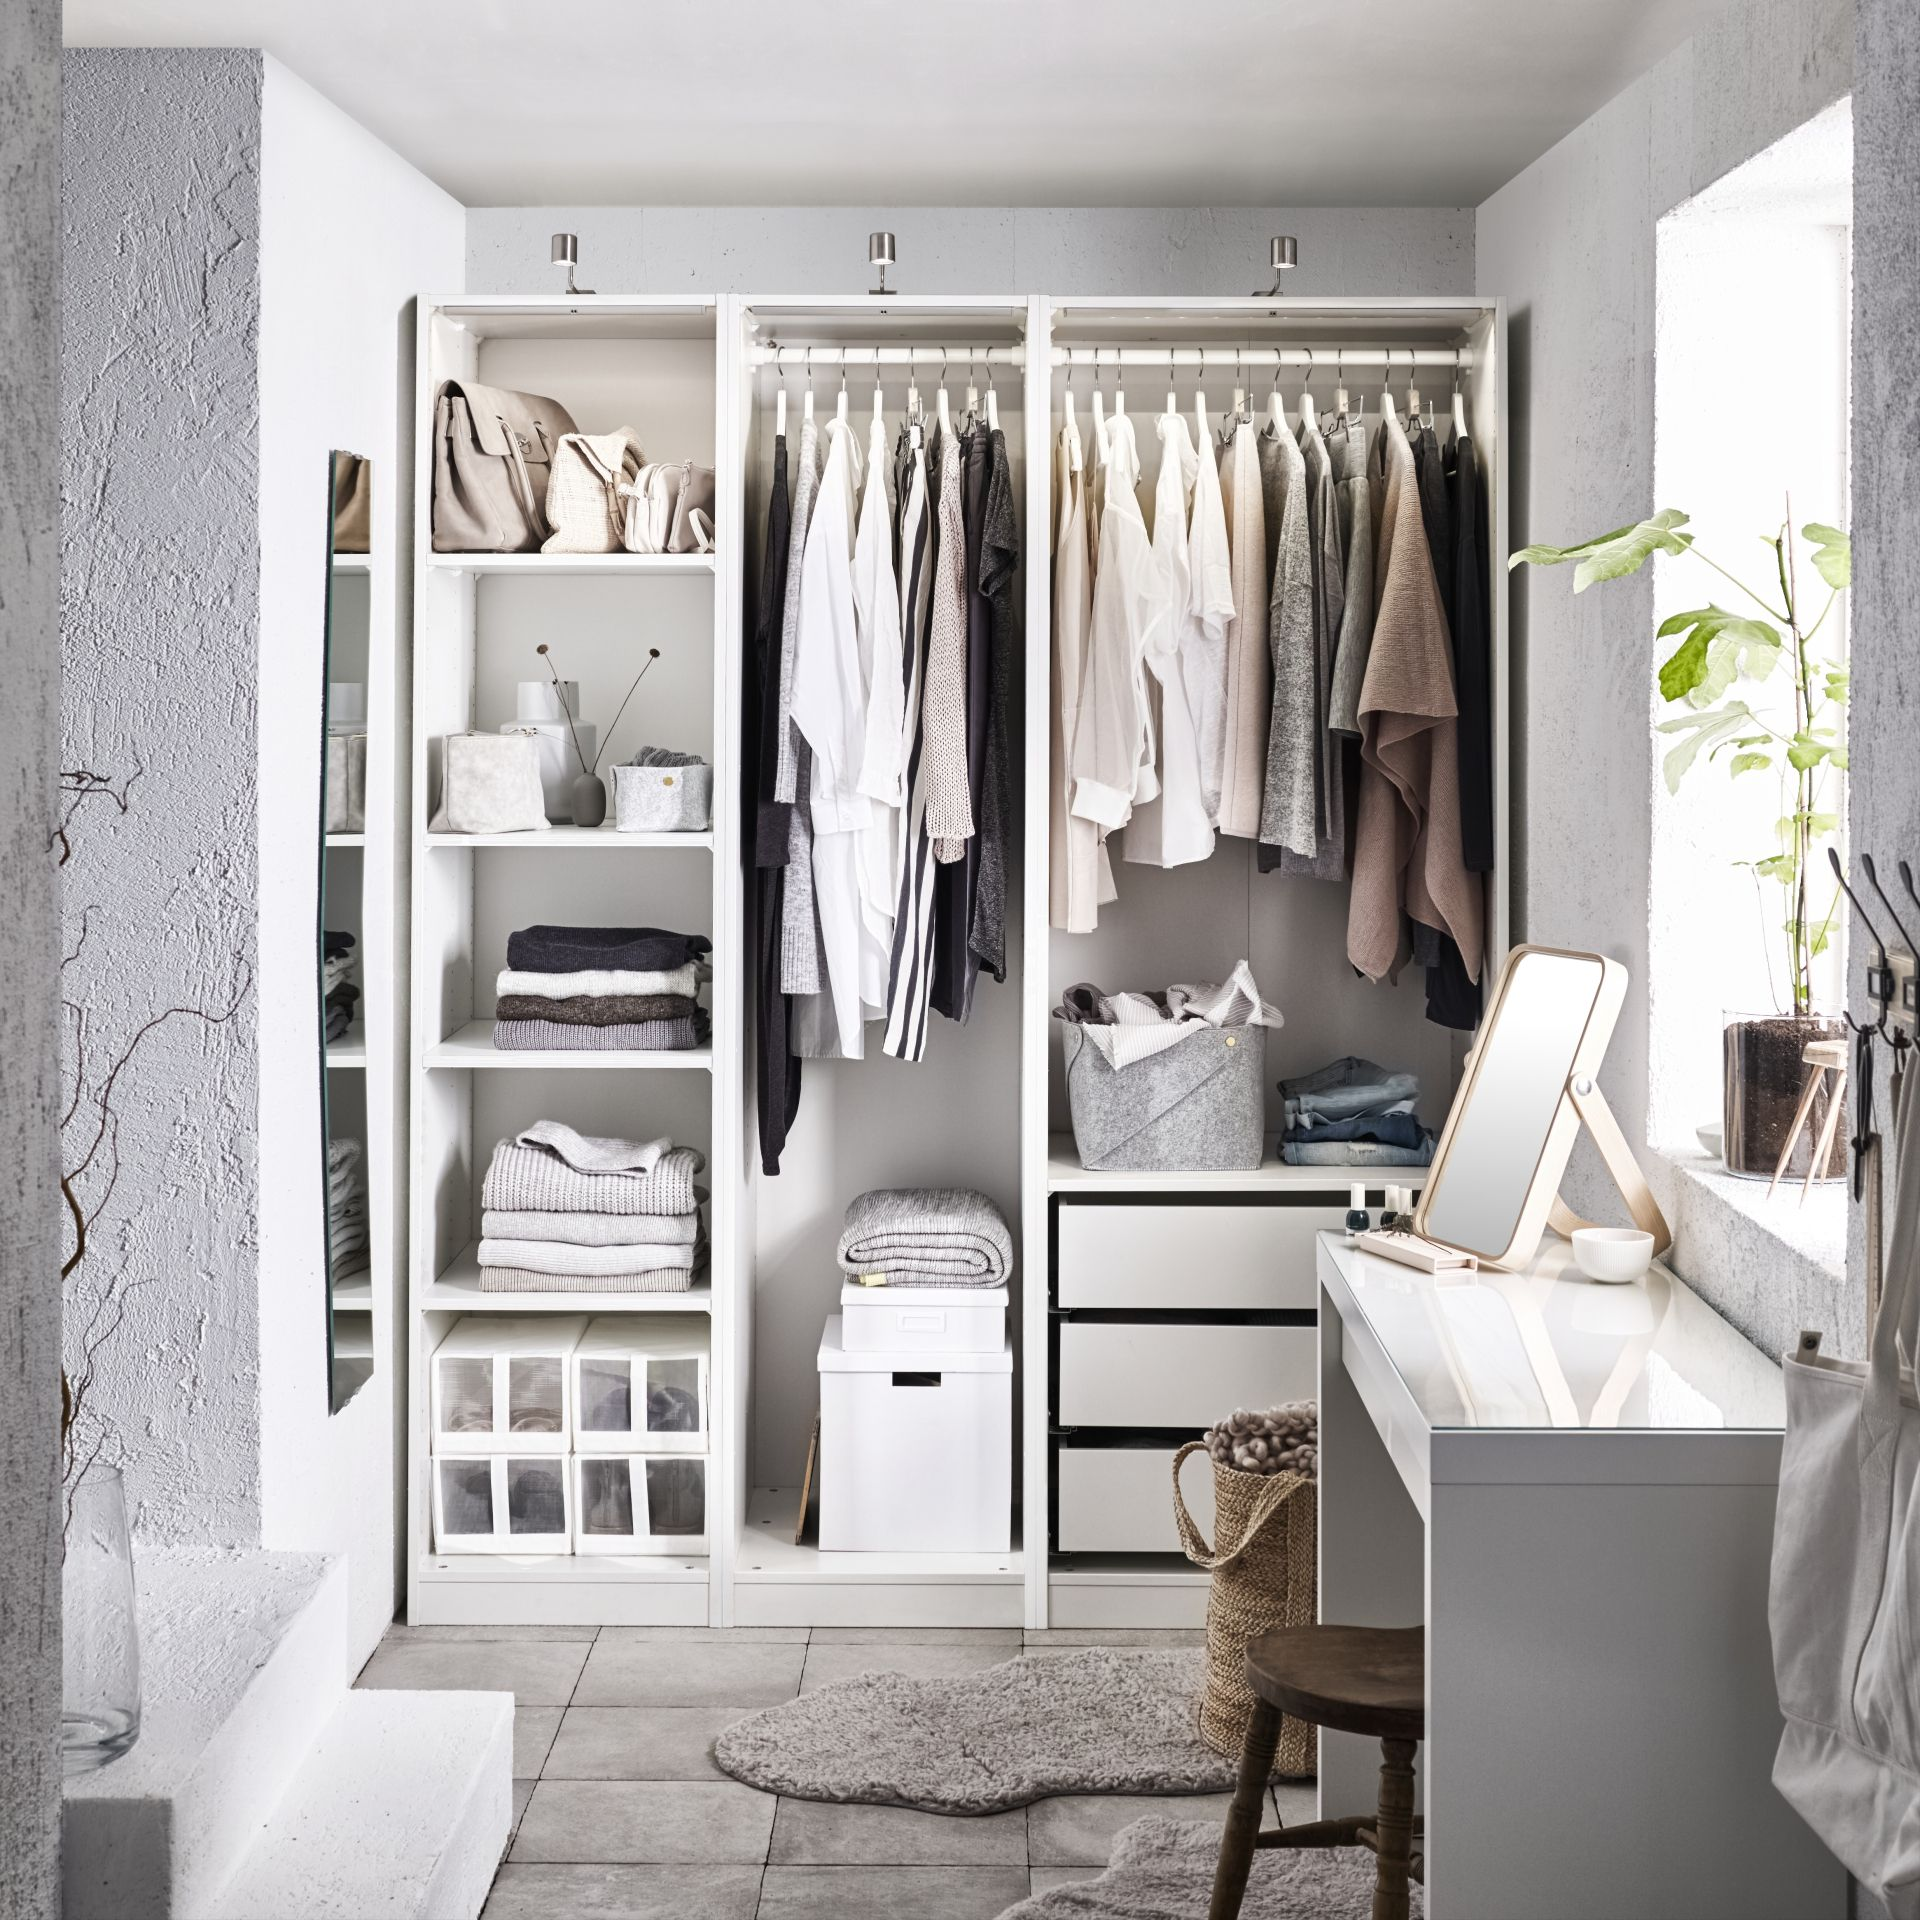 гардеробная в маленькой квартире фото 15